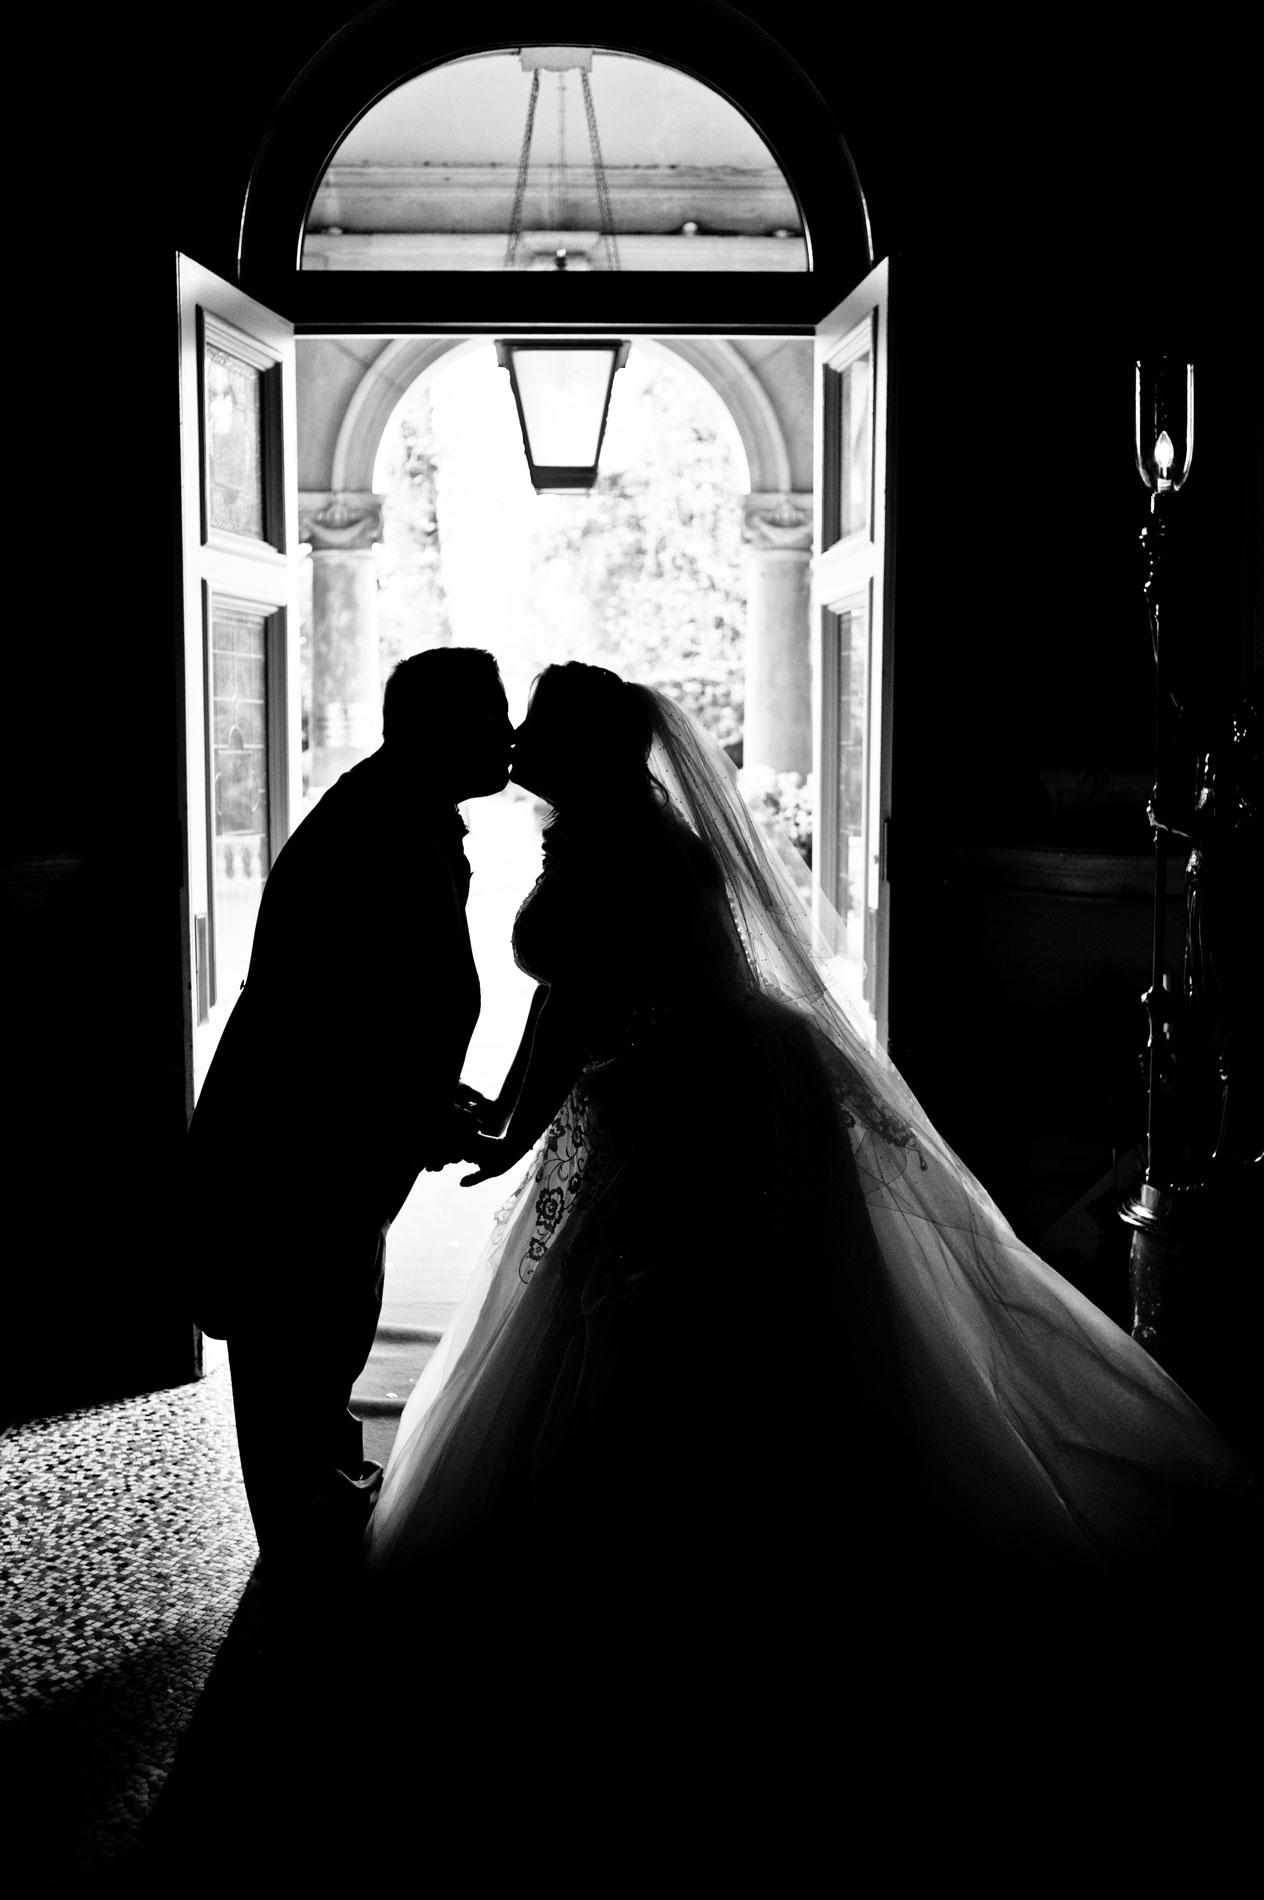 Kilworth-weddings-_49.jpg